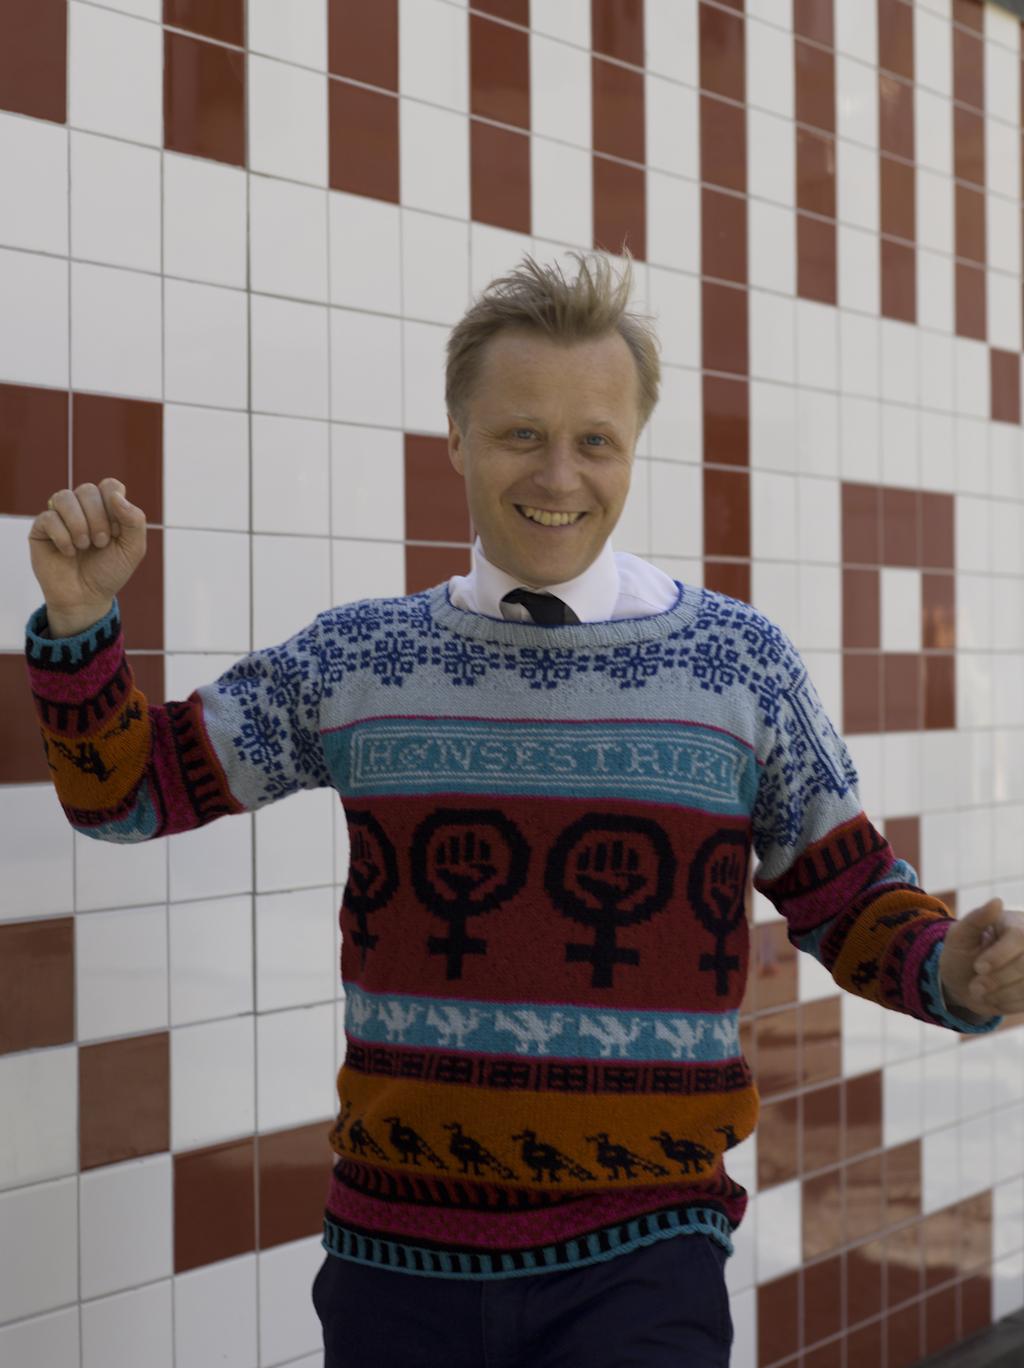 Hønsestrik!, 2012